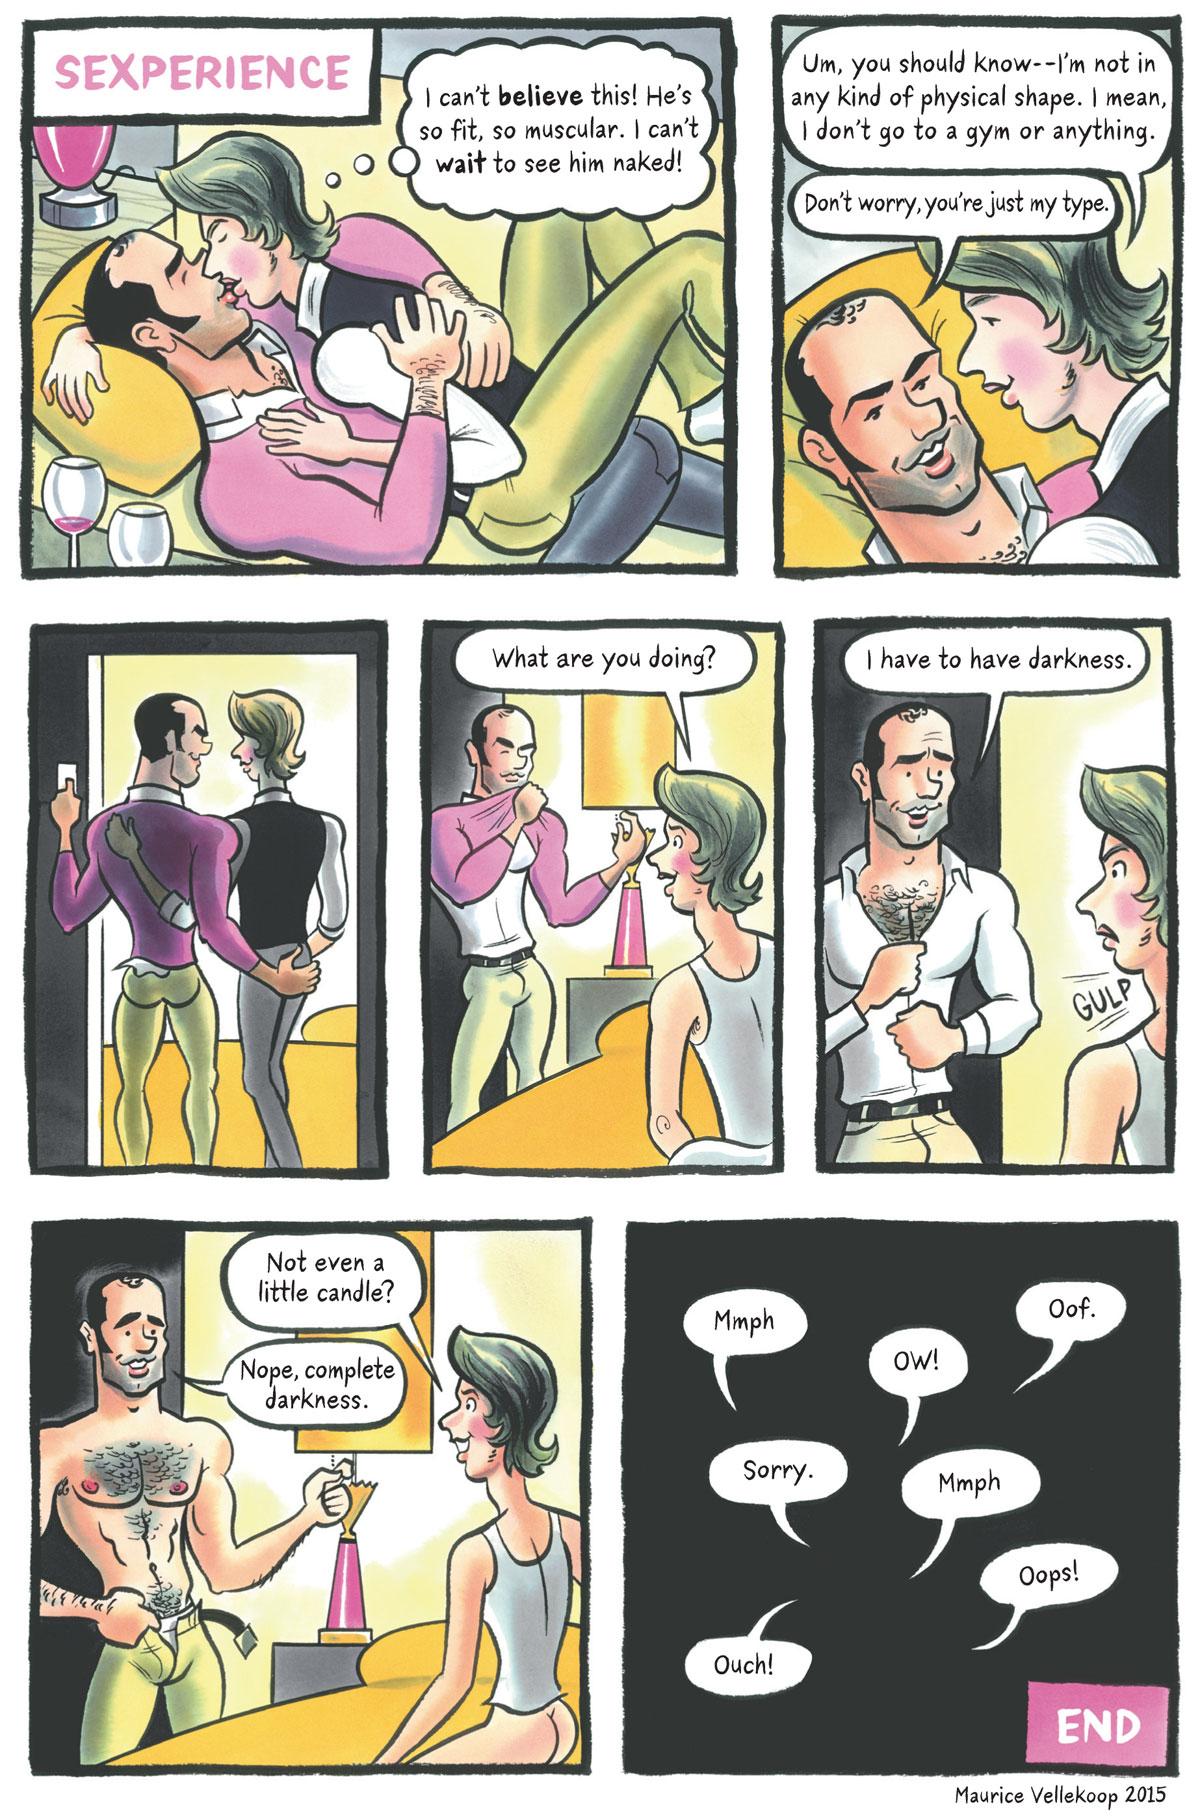 Comic by Maurice Vellekoop